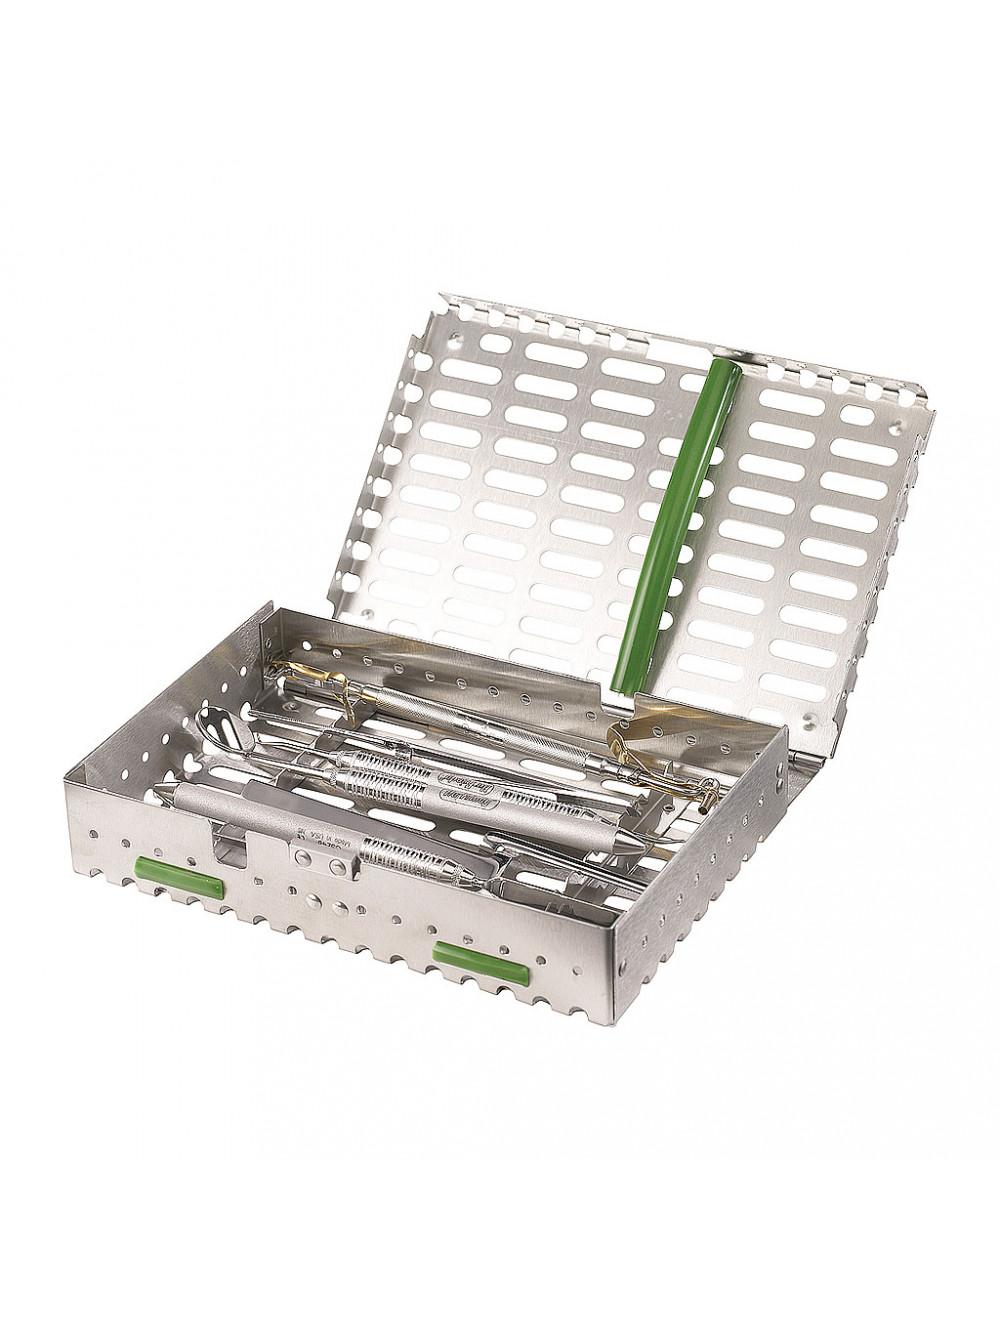 Das Produkt SciCan Kassette für die Reinigung, Sterilisation und Lagerung von Instrumenten, verschiedene Größen und Anwendungen aus dem Global-dent online shop.